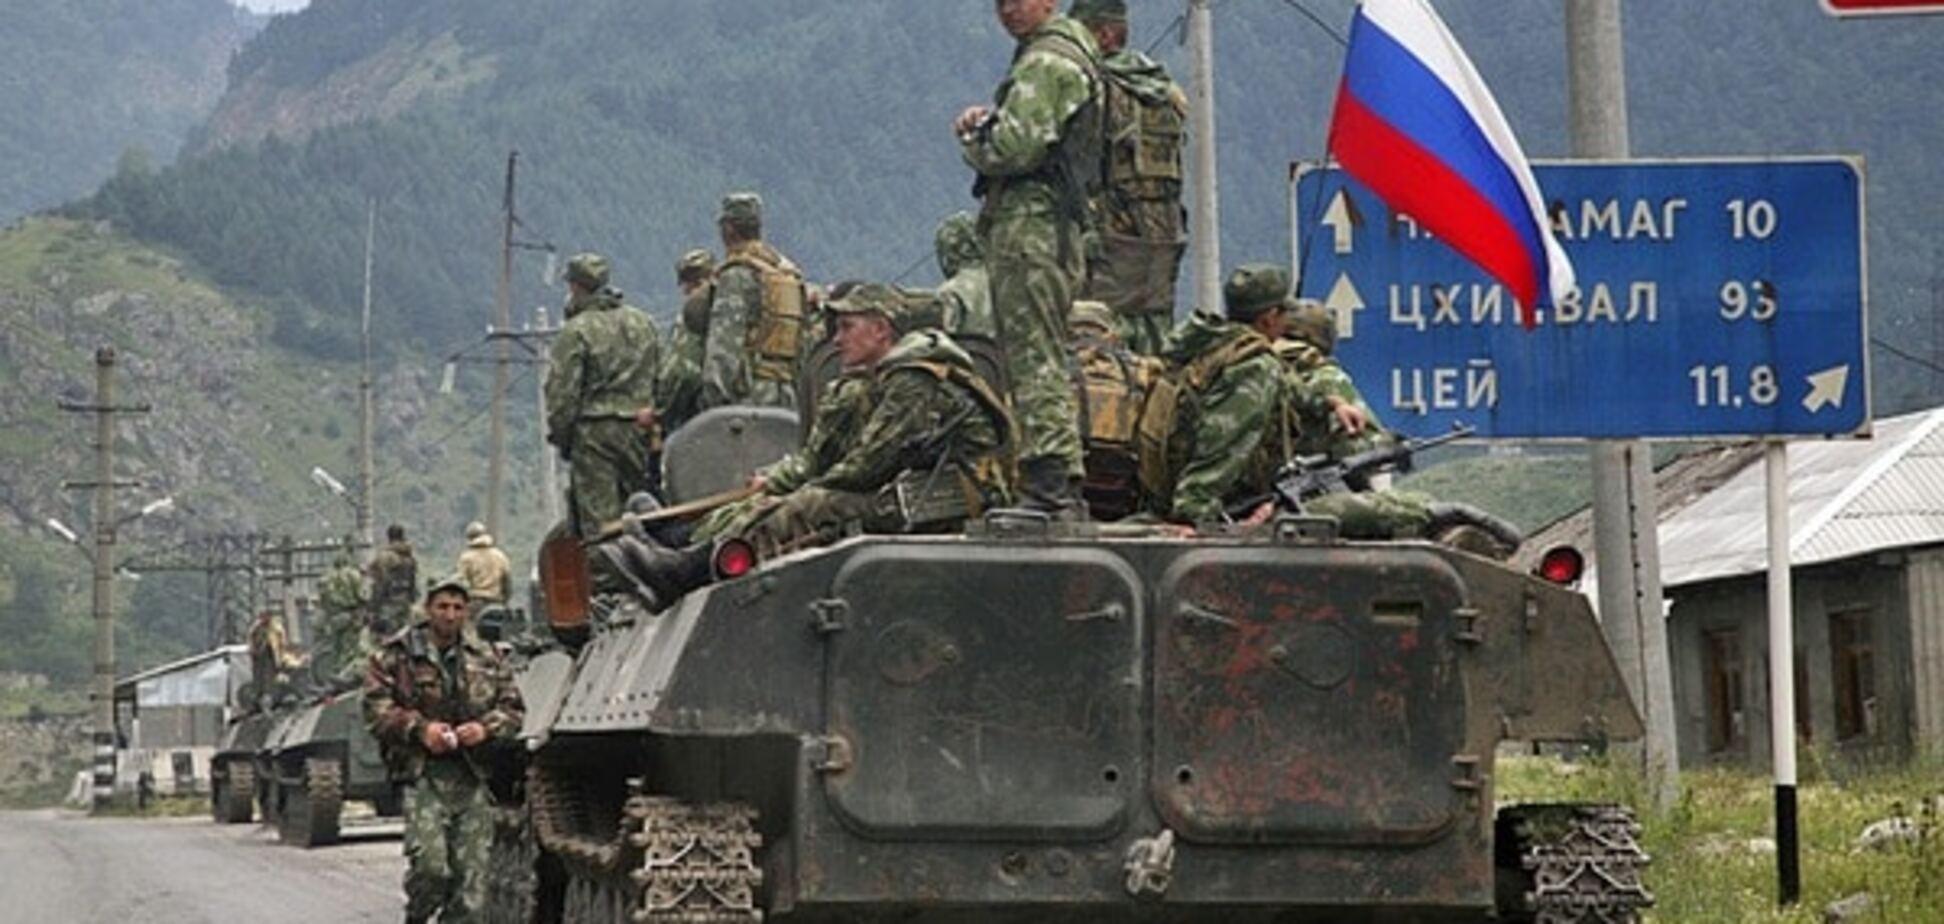 Росія проводила етнічні чистки грузин у 2008 році - міністр юстиції Грузії